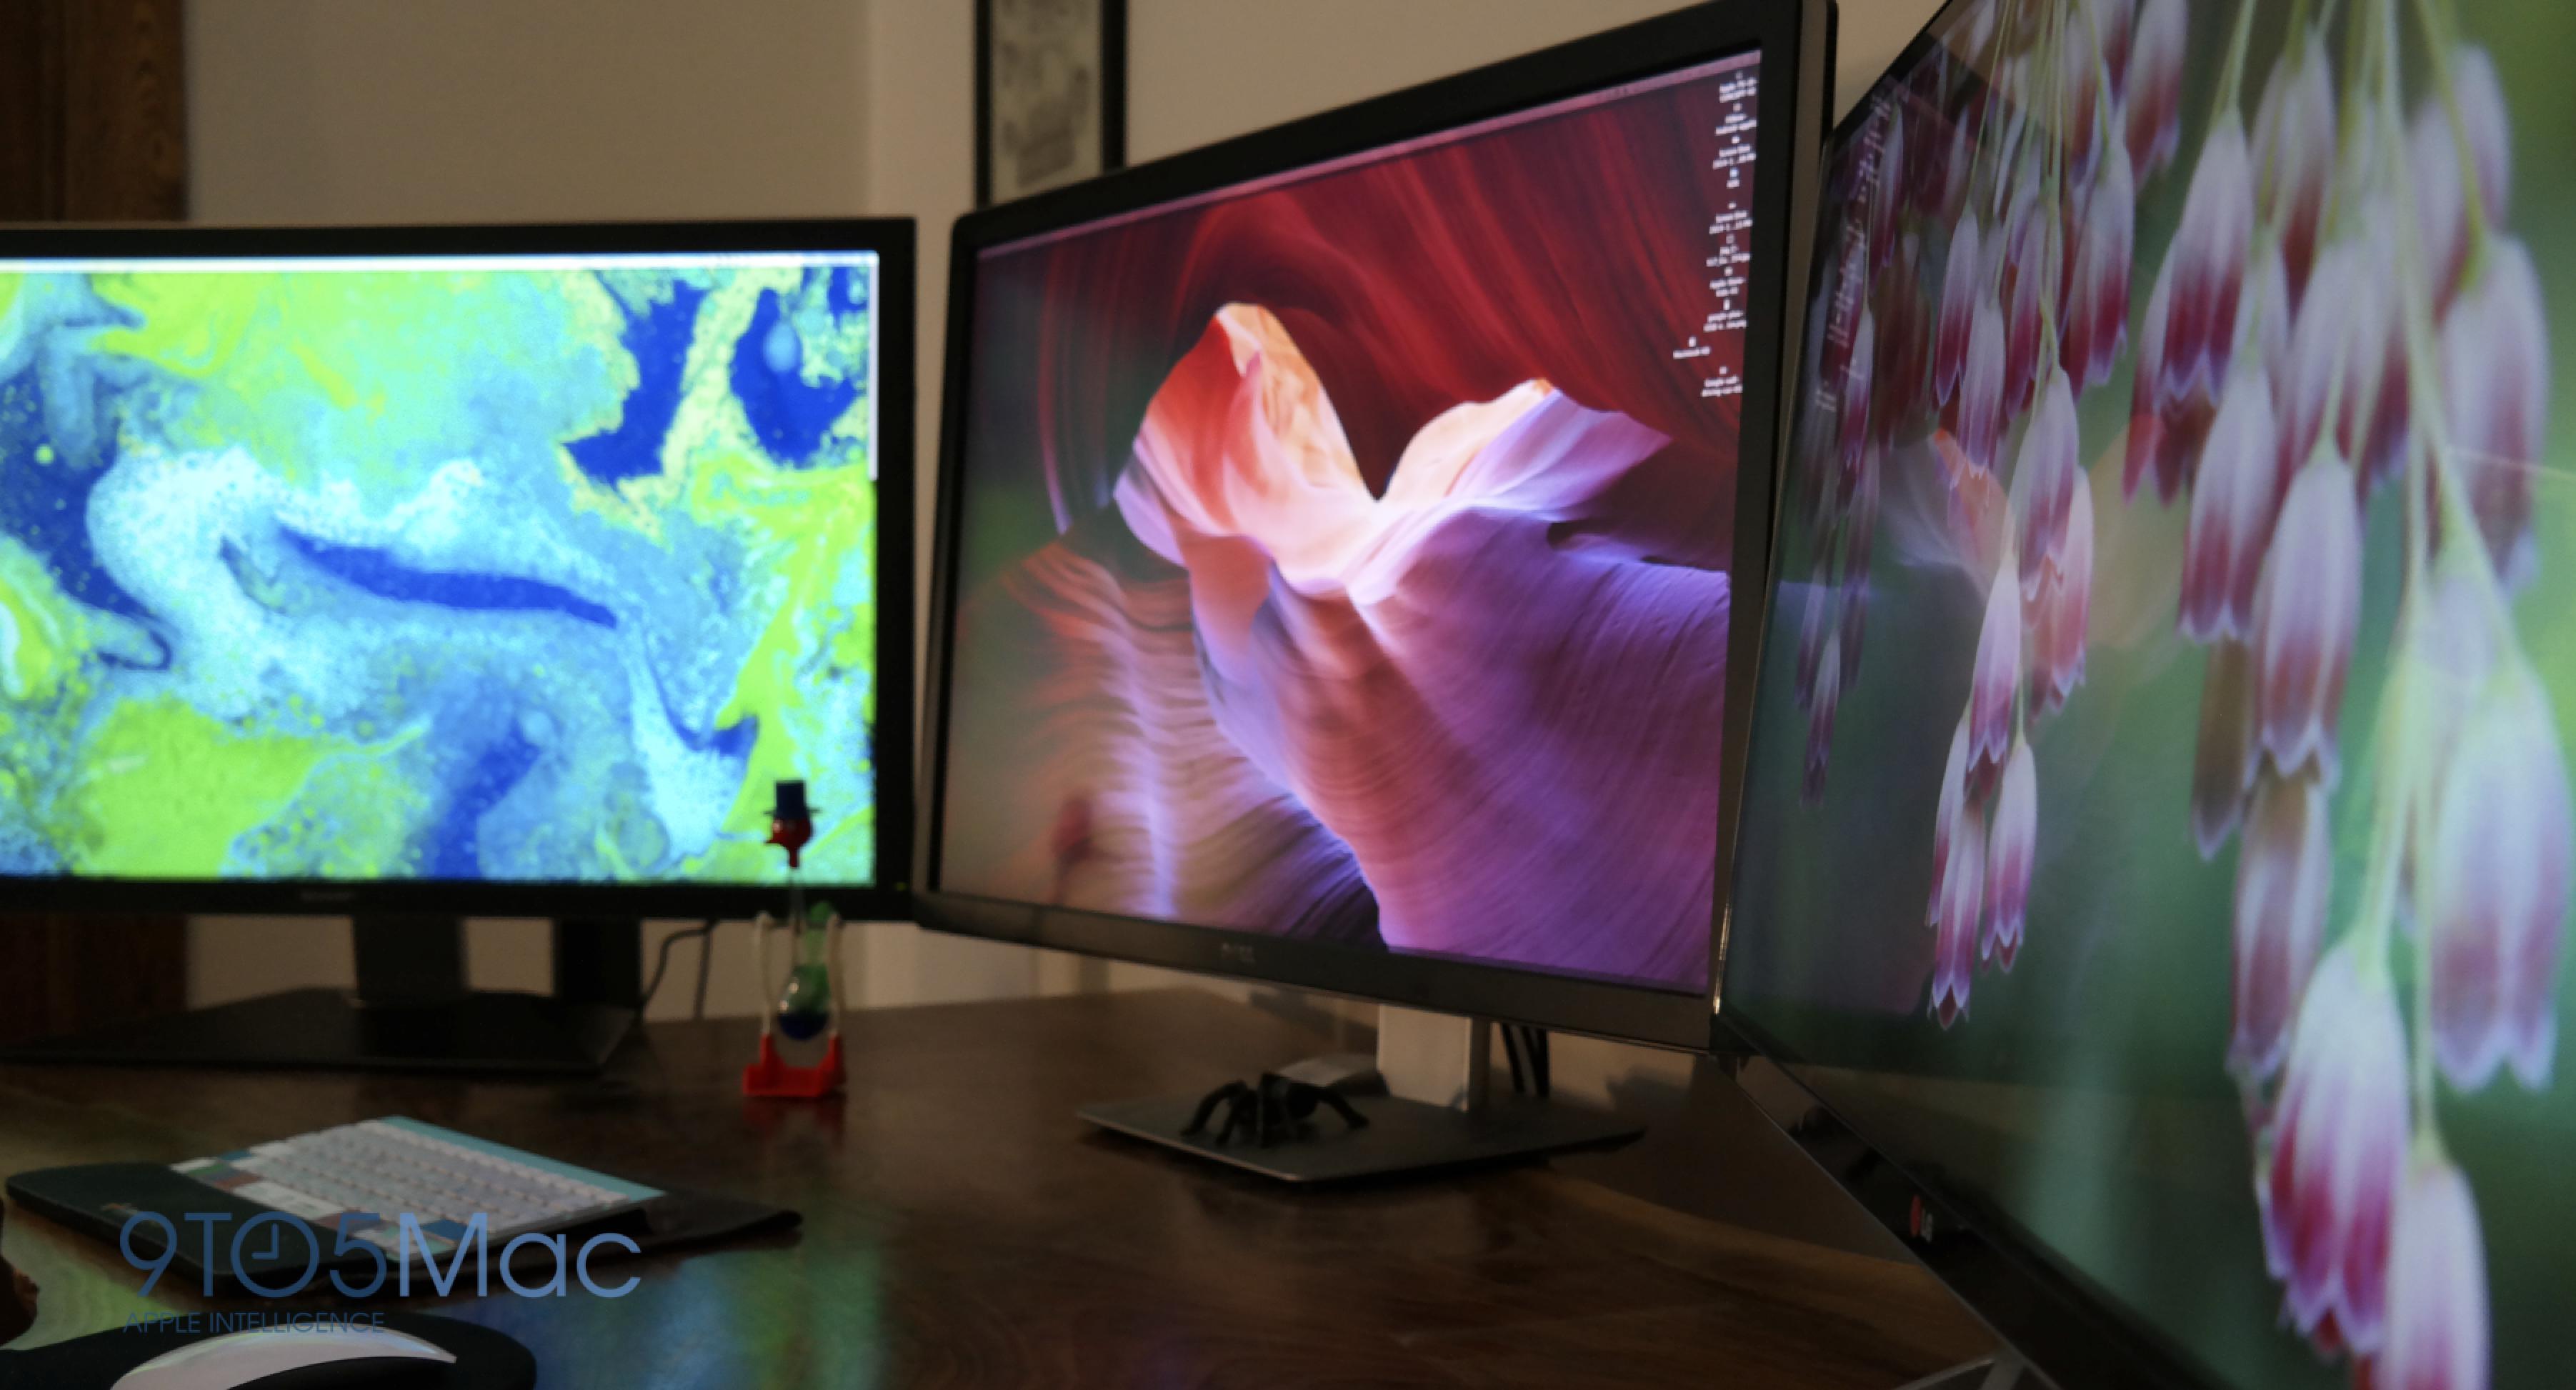 """<span href=""""https://9to5mac.com/2016/05/02/opinion-4k-monitor-good-investment-macbook-pro/"""">Opinión: MacBook Pro de propietarios, es el momento de considerar la posibilidad de una pantalla 4K</a>"""